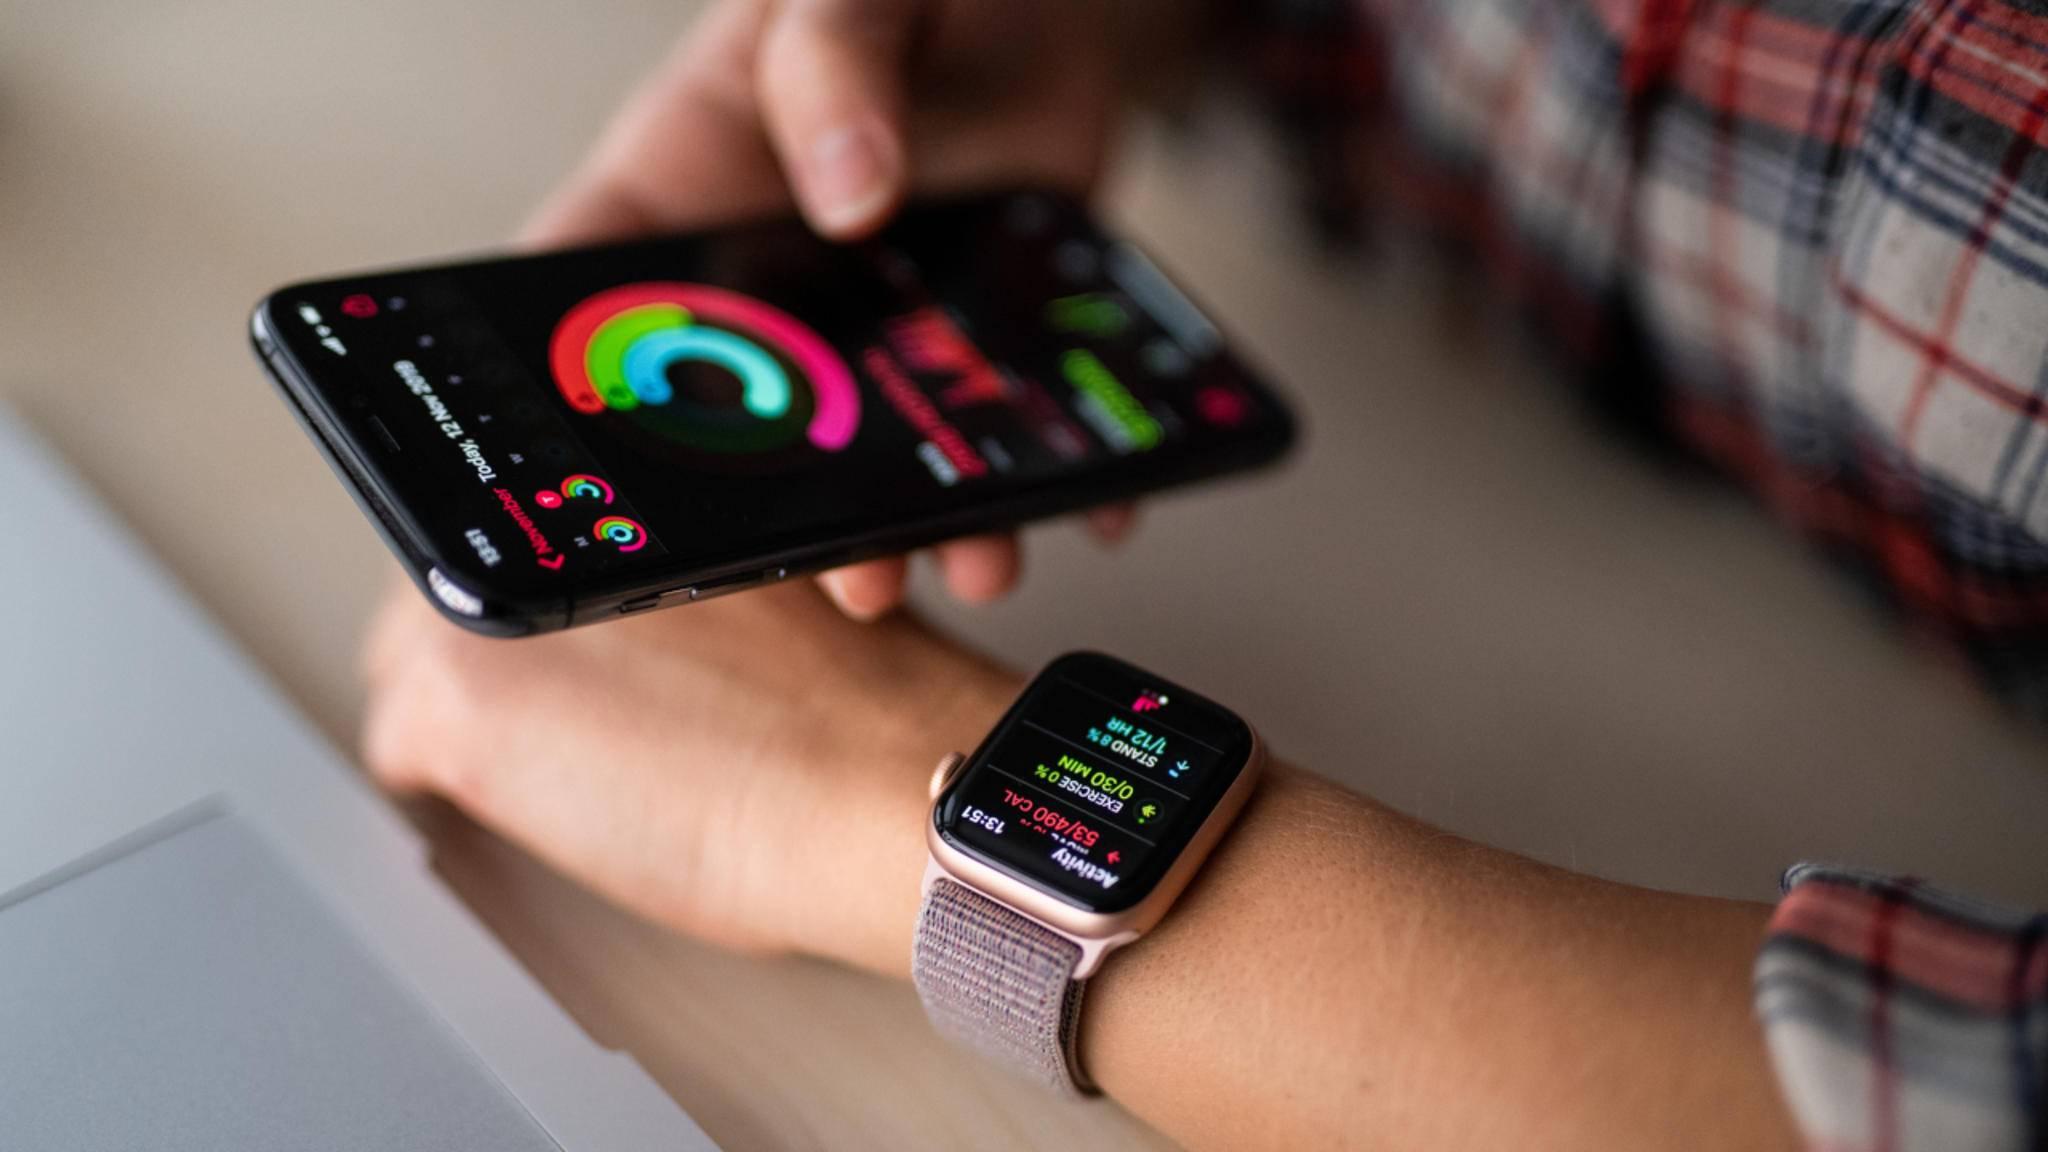 Die Apple Watch kann mehr als nur die Aufzeichnung von Trainingseinheiten.